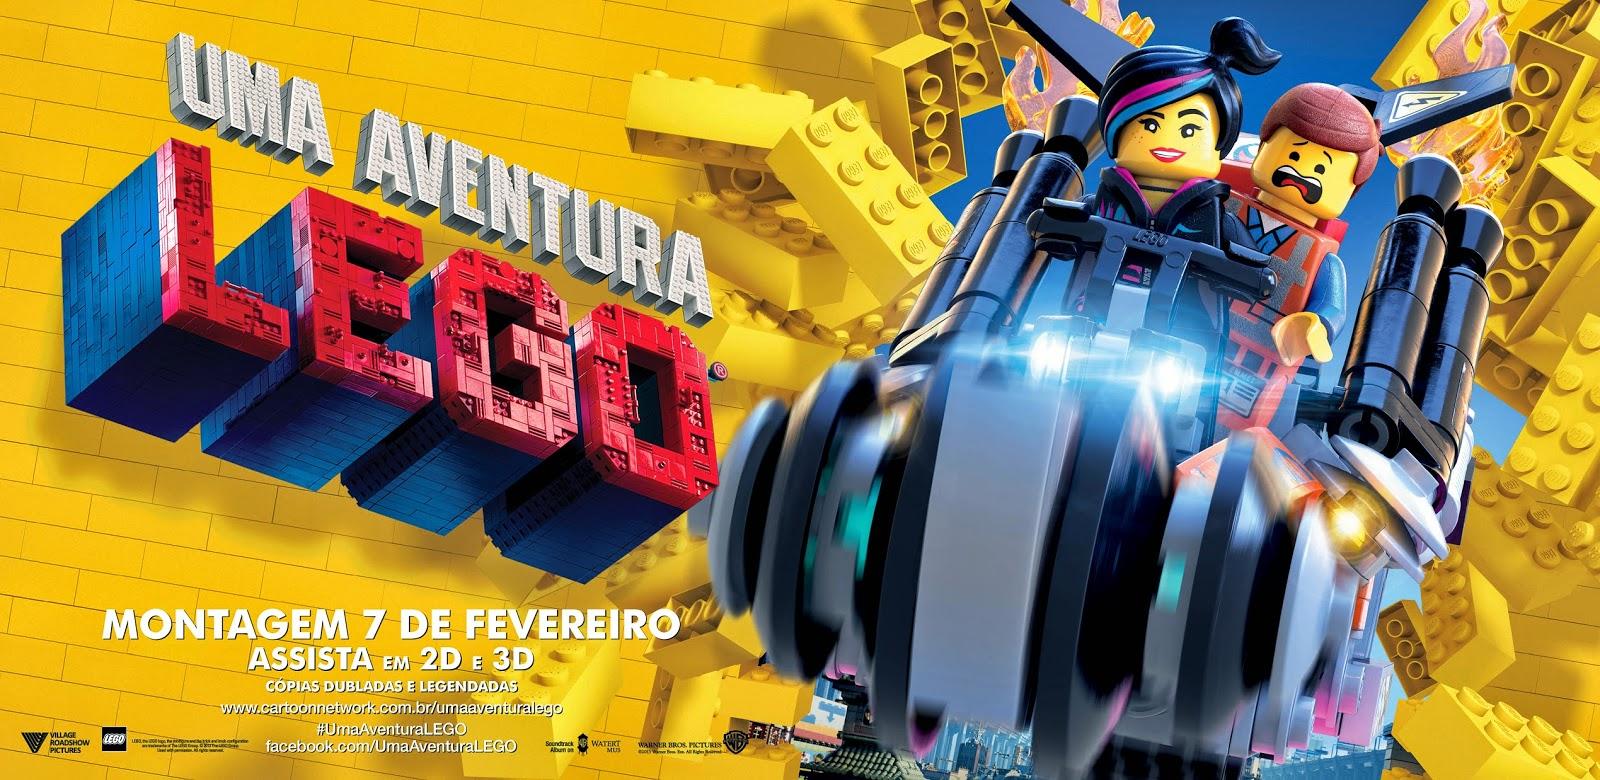 melhores-filmes-infantis-uma-aventura-lego